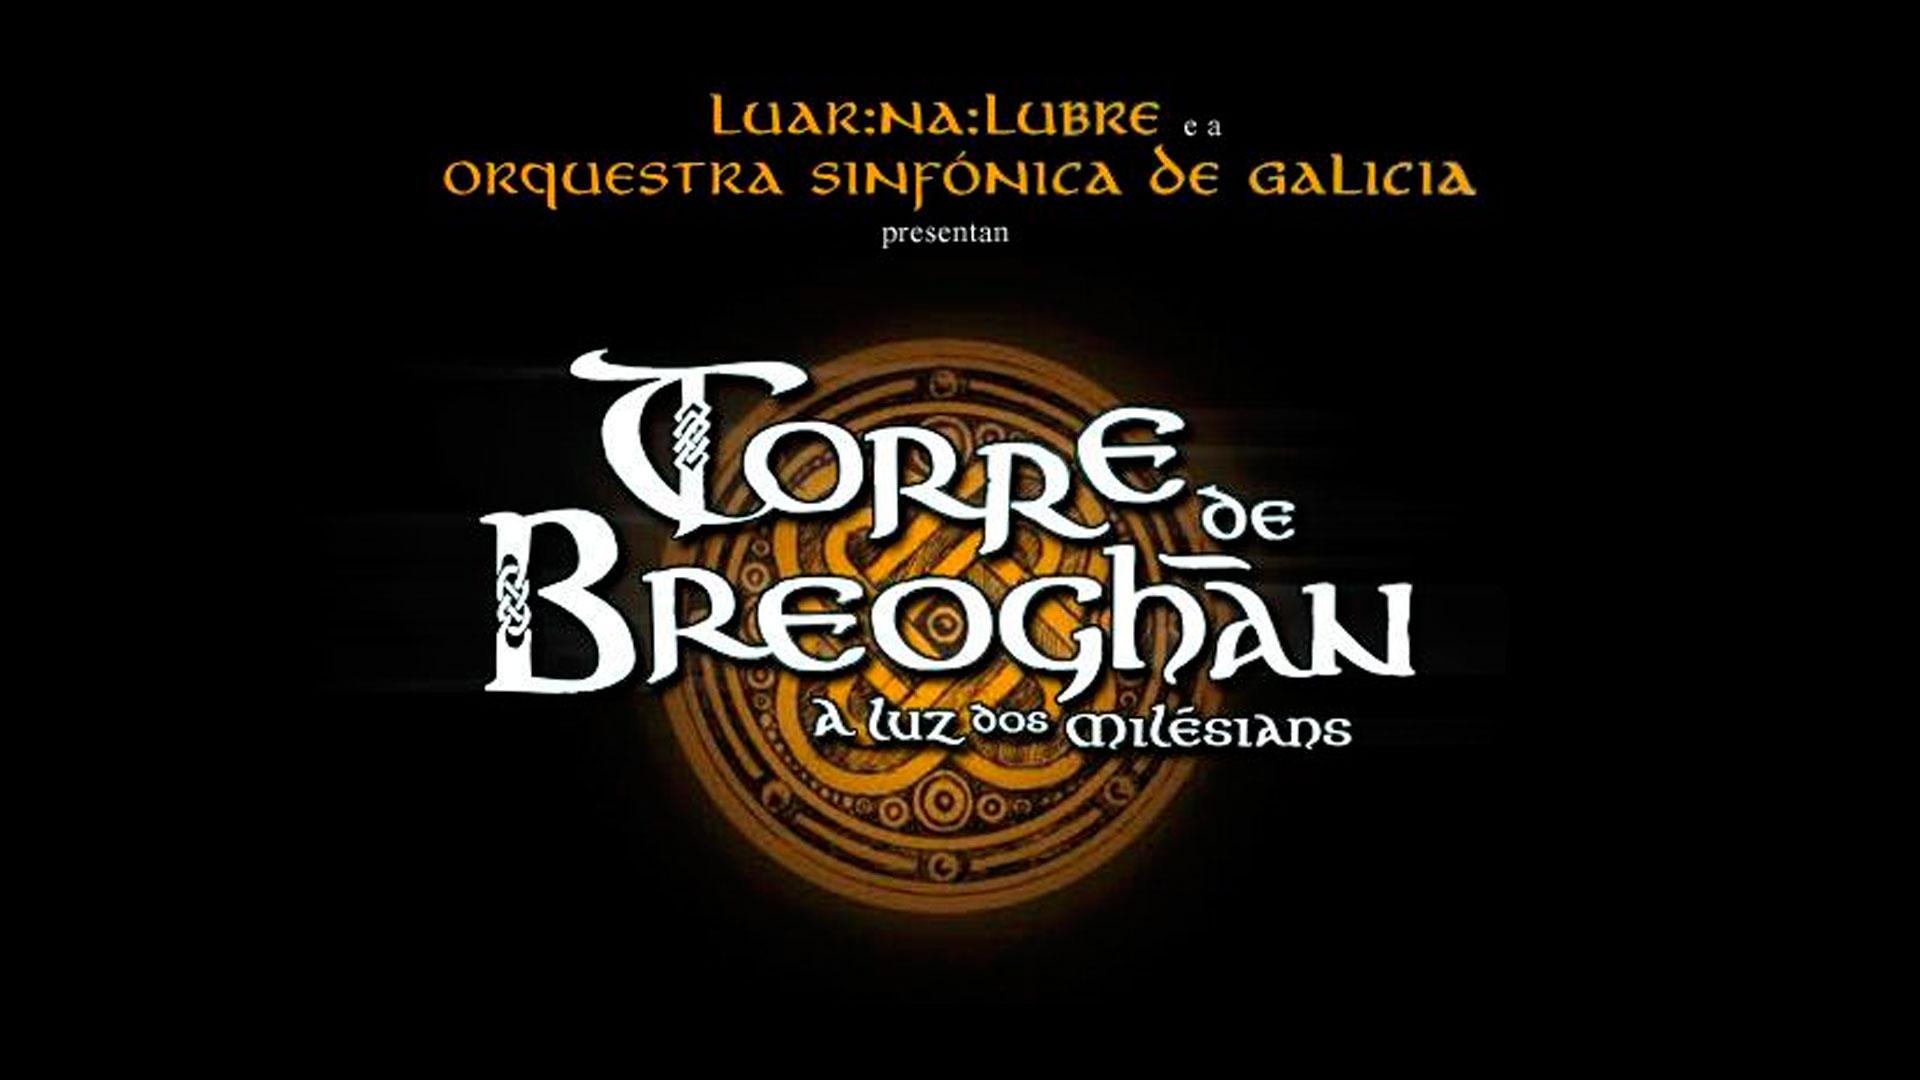 'Torre de Breoghán', la producción más ambiciosa de la música folk gallega, se estrena el 21 y 22 de junio en el Palacio de la Ópera de A Coruña